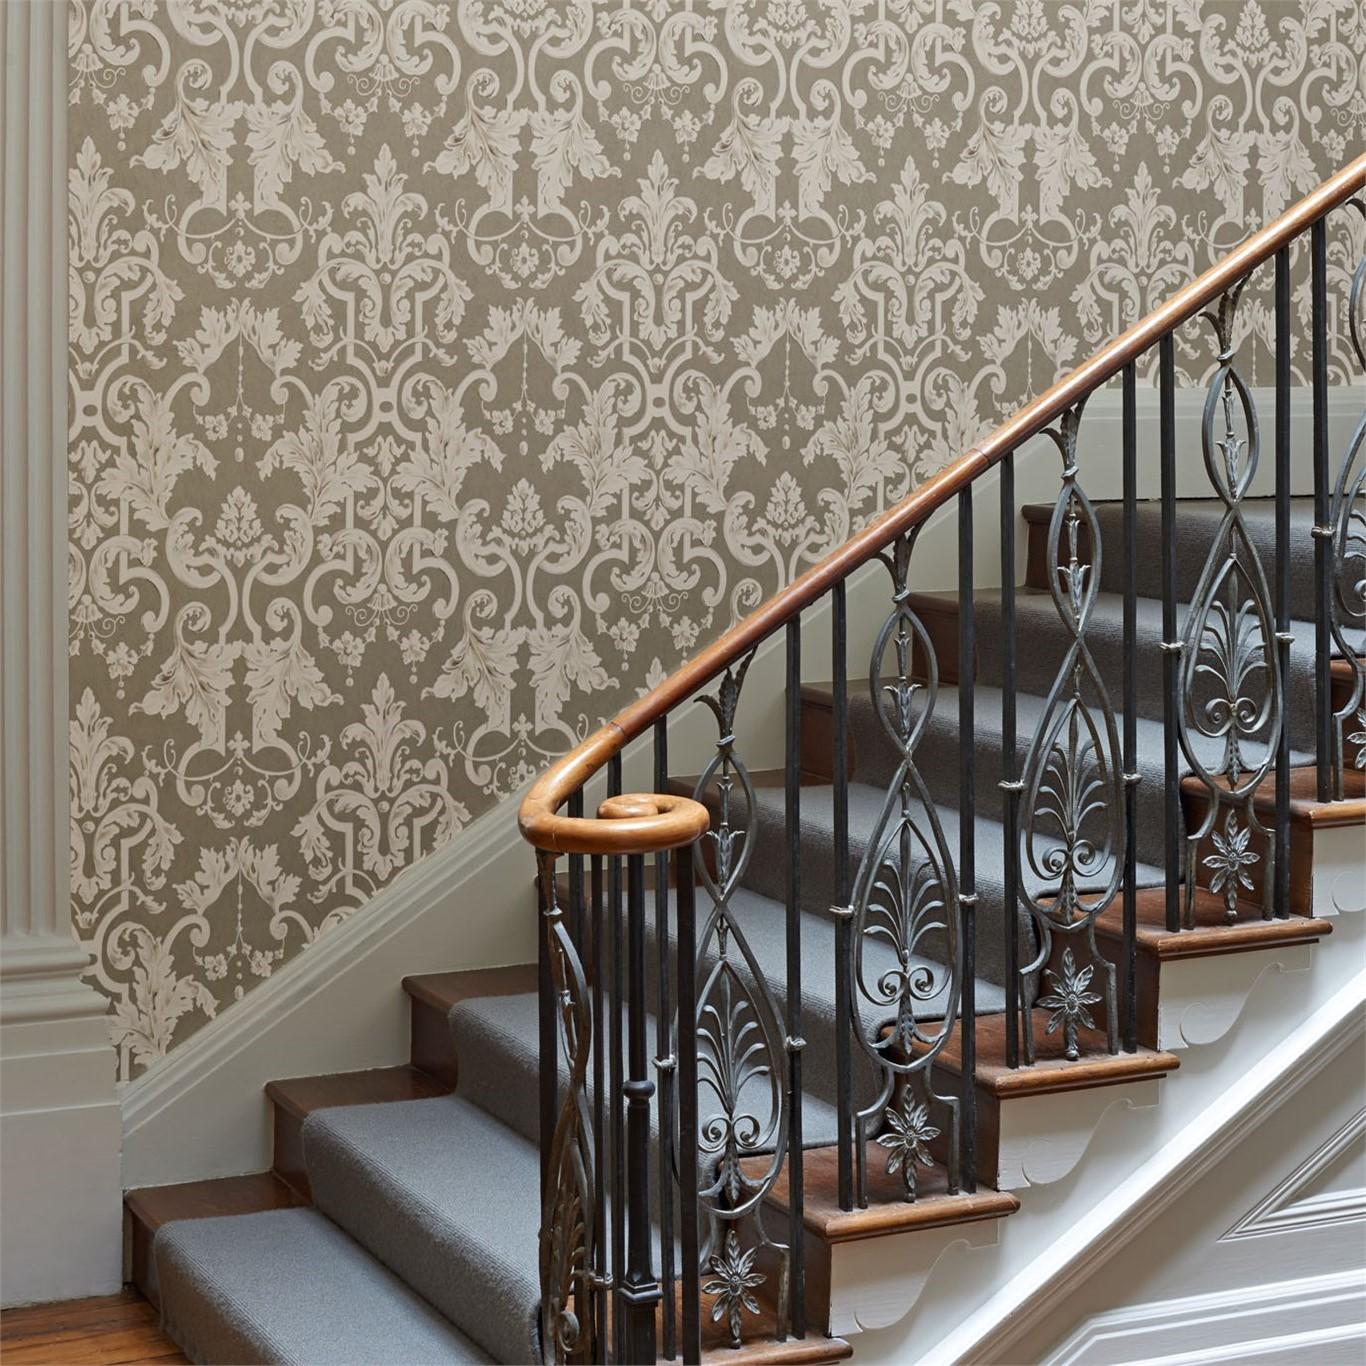 Mur décoré du papier peint élégant.